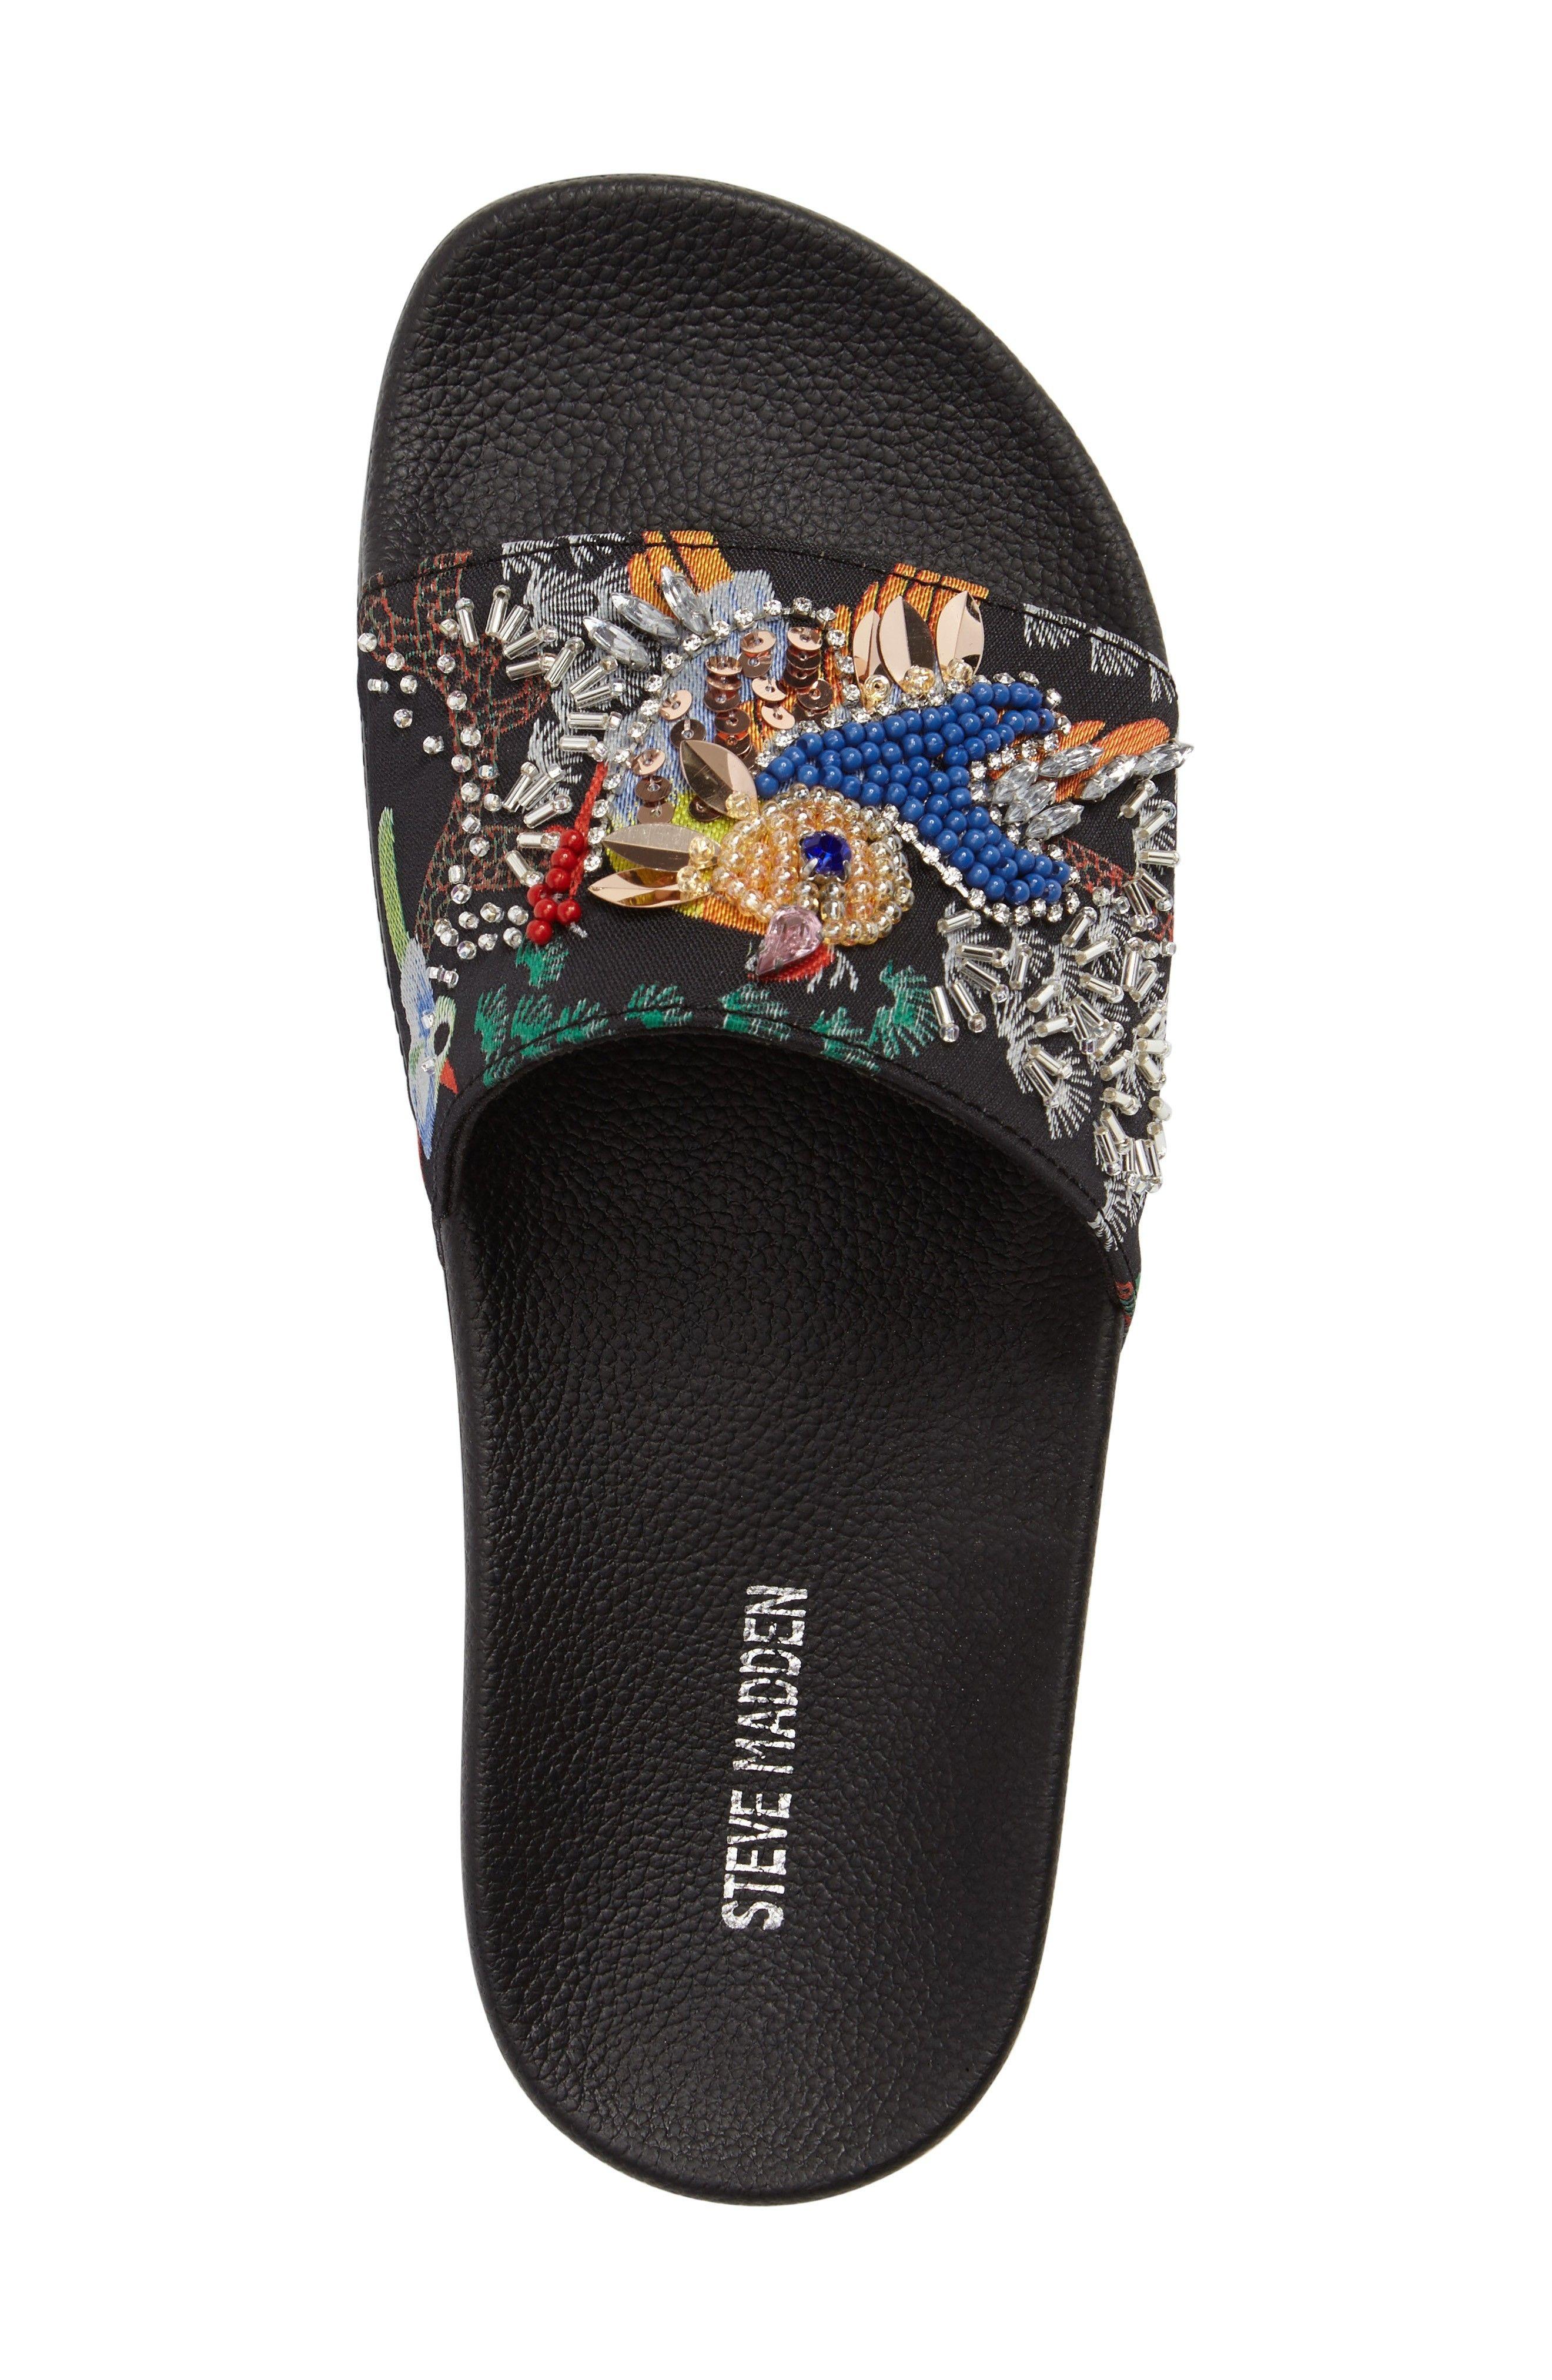 Sparkly Slide Sandal | Sparkly sandals